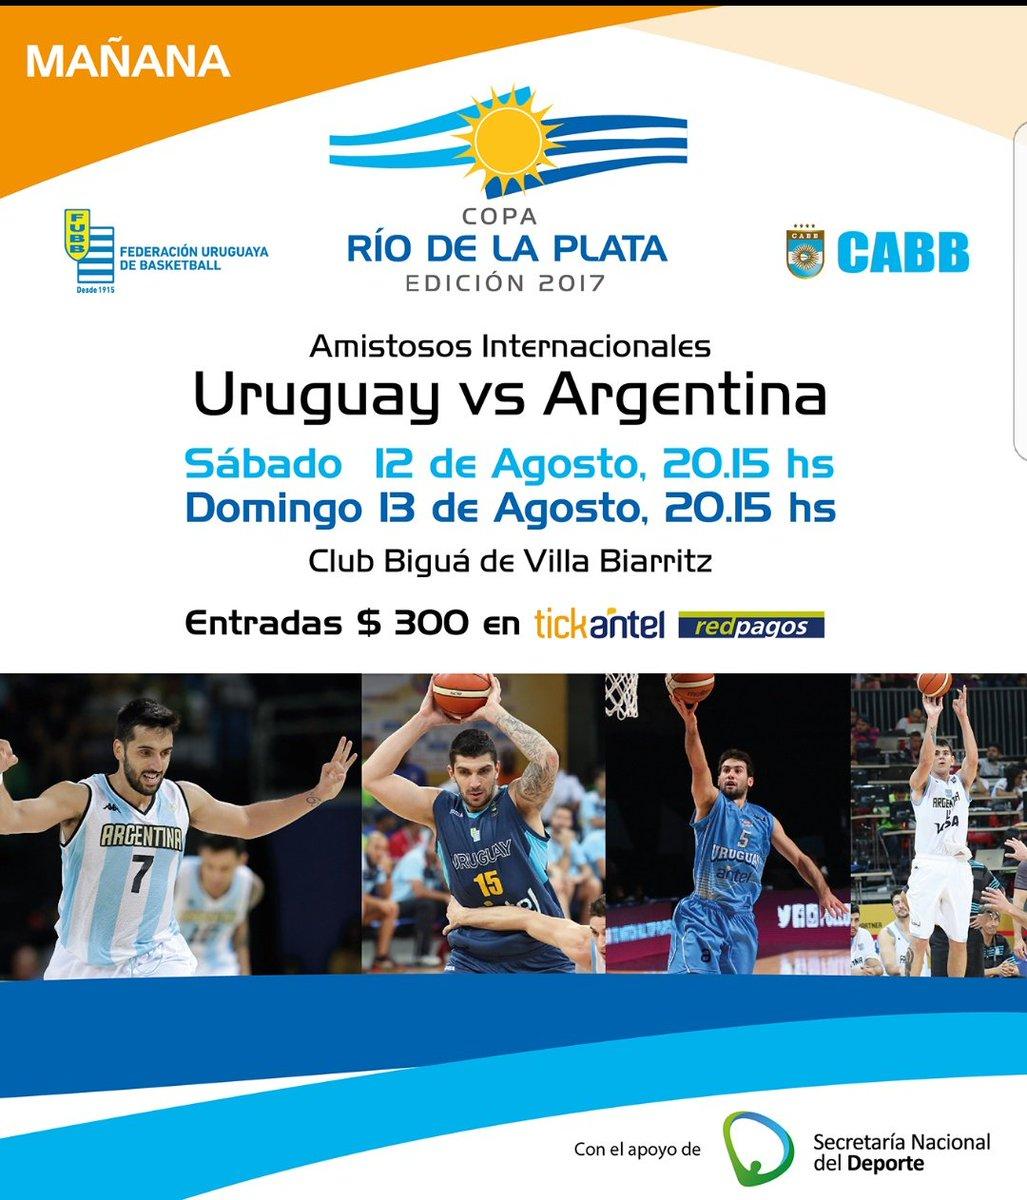 Garino se desgarró y no podrá estar en los amistosos ante Uruguay